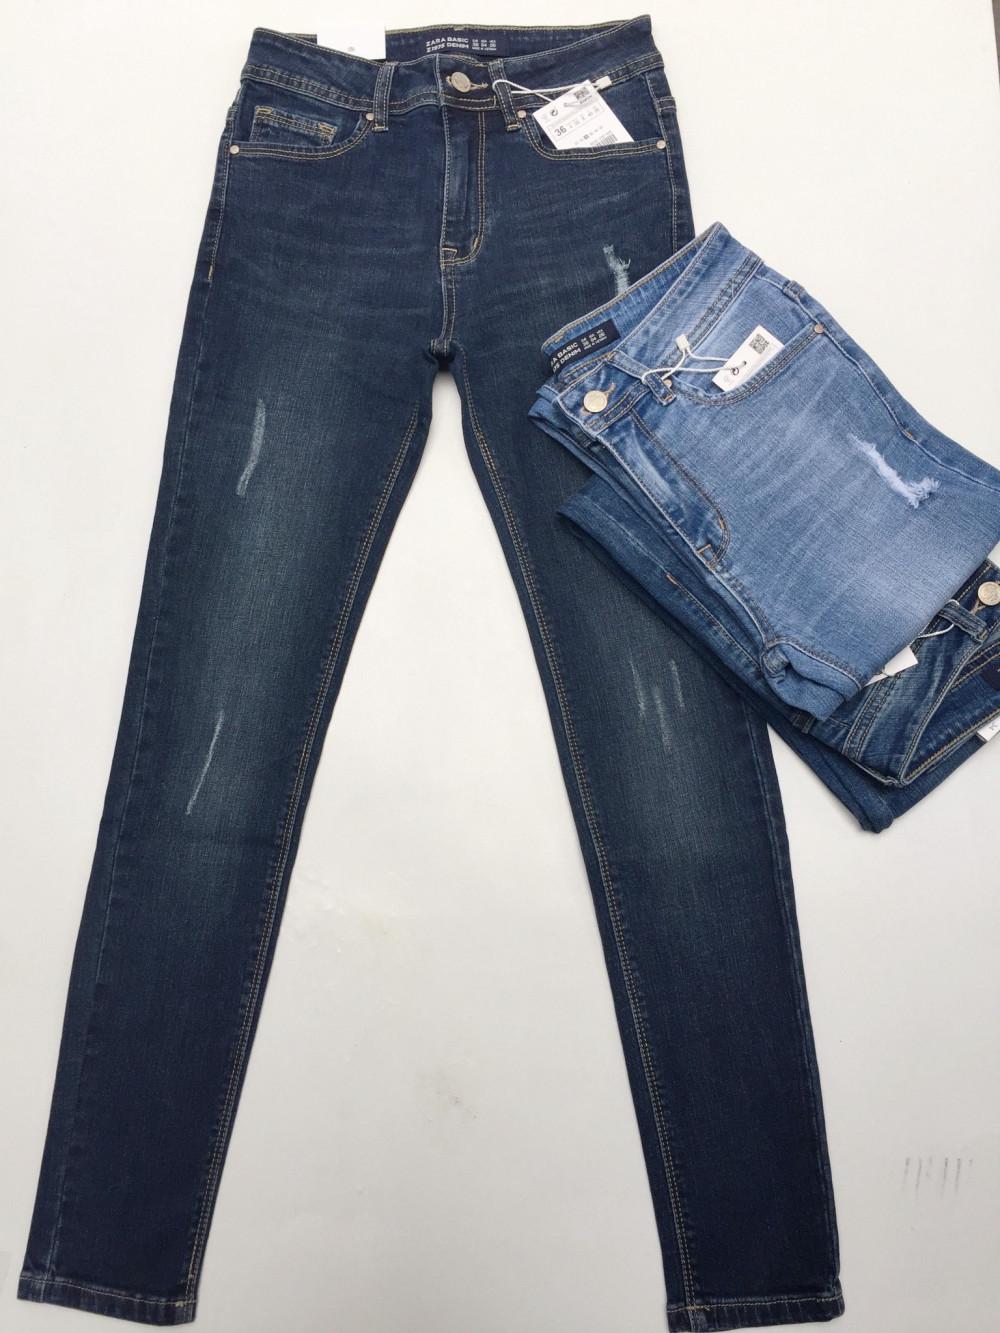 Xưởng bỏ sỉ quần jean nữ uy tín tphcm - 5